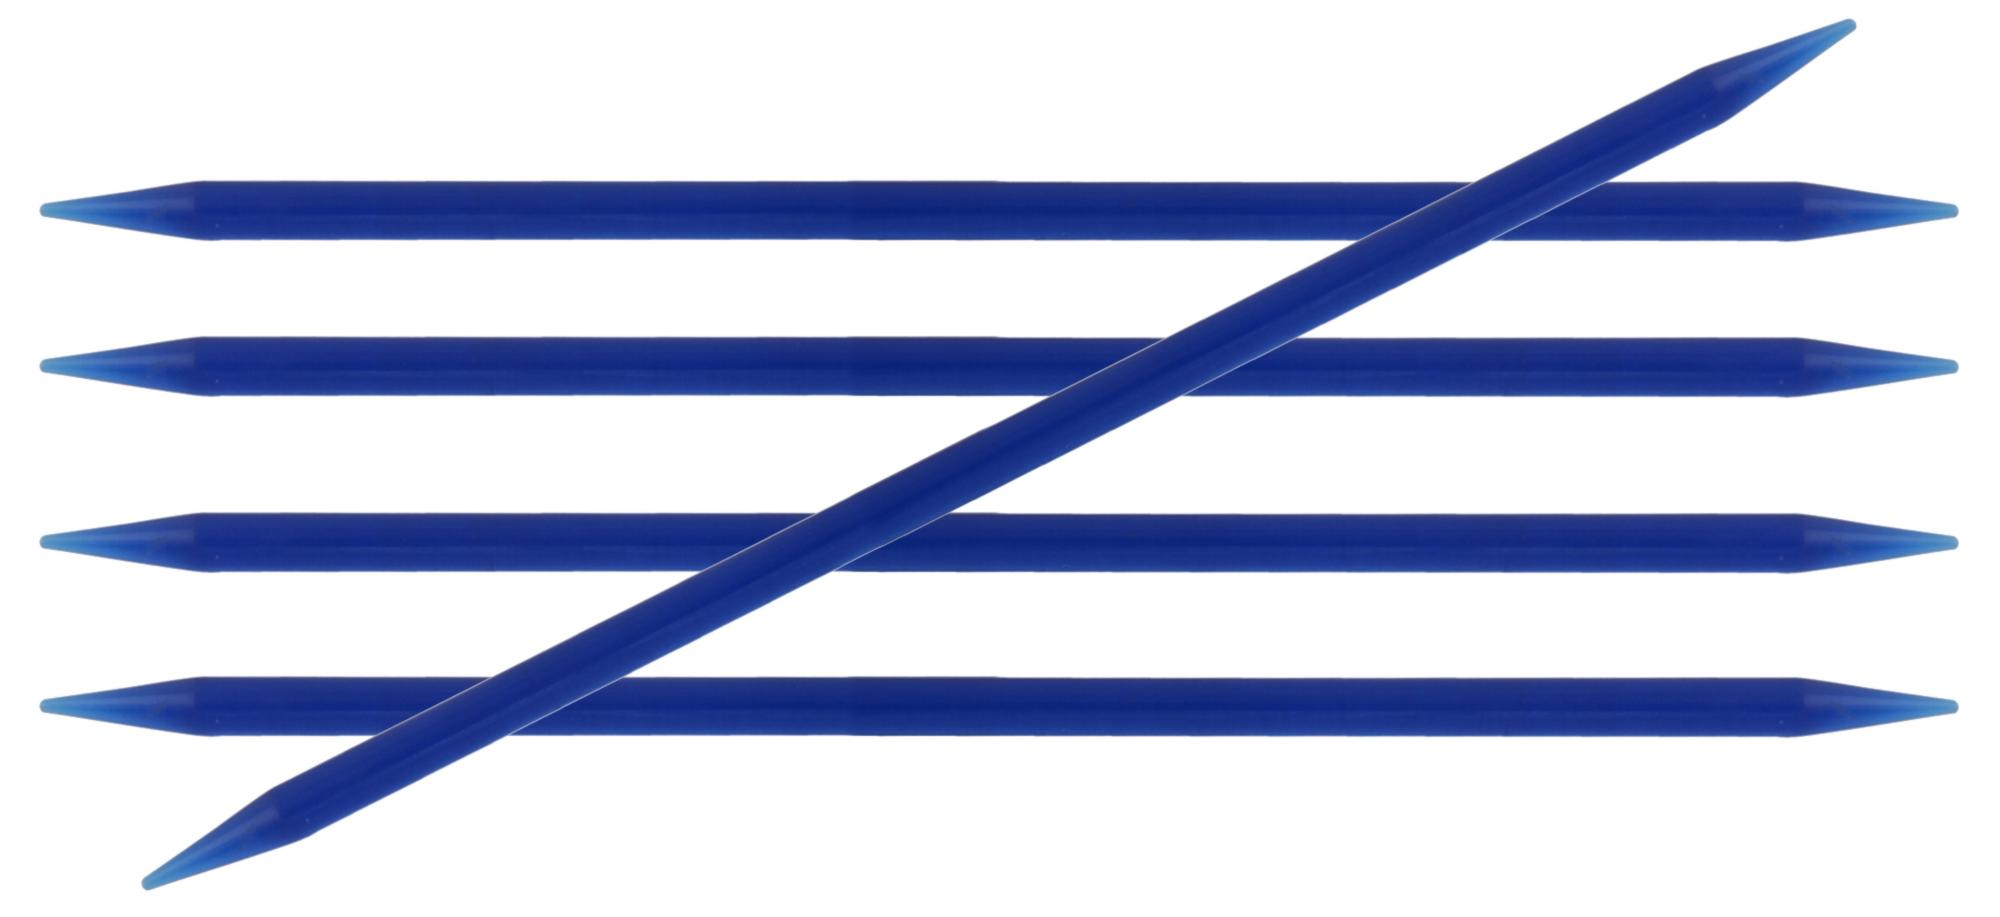 Спицы носочные 20 см Trendz KnitPro, 51026, 6.50 мм